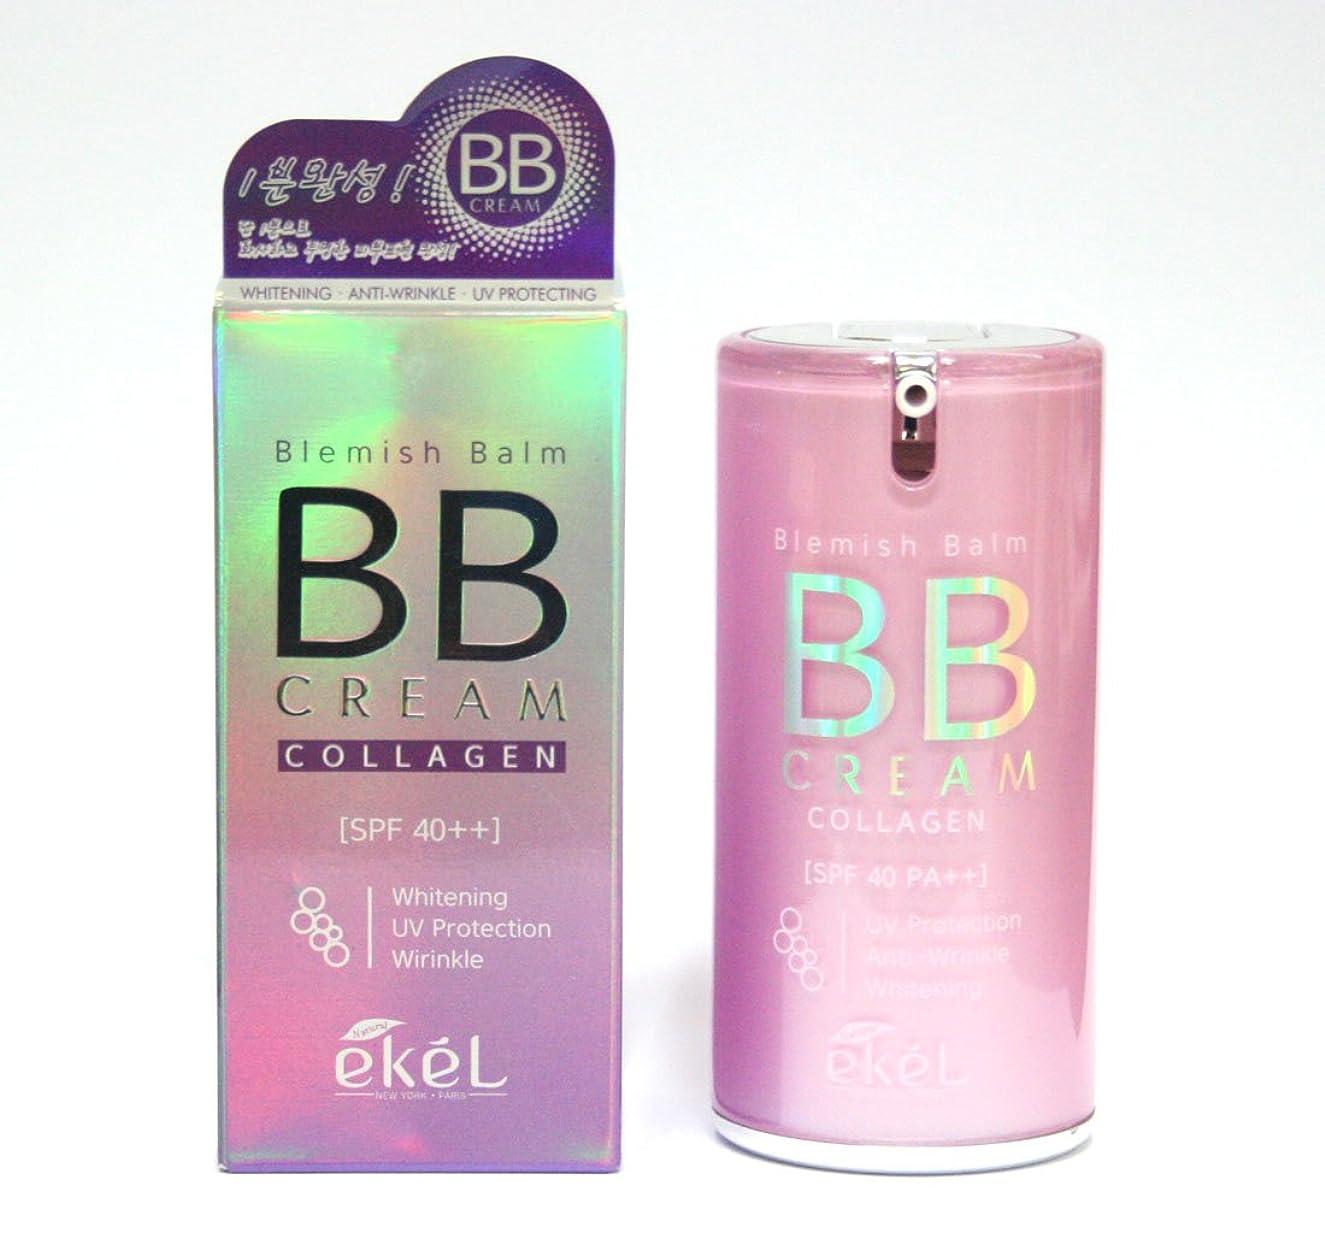 説得段階邪魔する[EKEL] ブレミッシュバームコラーゲンBBクリーム50g / Blemish Balm Collagen BB Cream 50g /ホワイトニング、UV保護、しわ / whitening, uv protection, wrinkle / 23号ナチュラルベージュ / No.23 natural beige / 韓国化粧品 / Korea Cosmetics [並行輸入品]